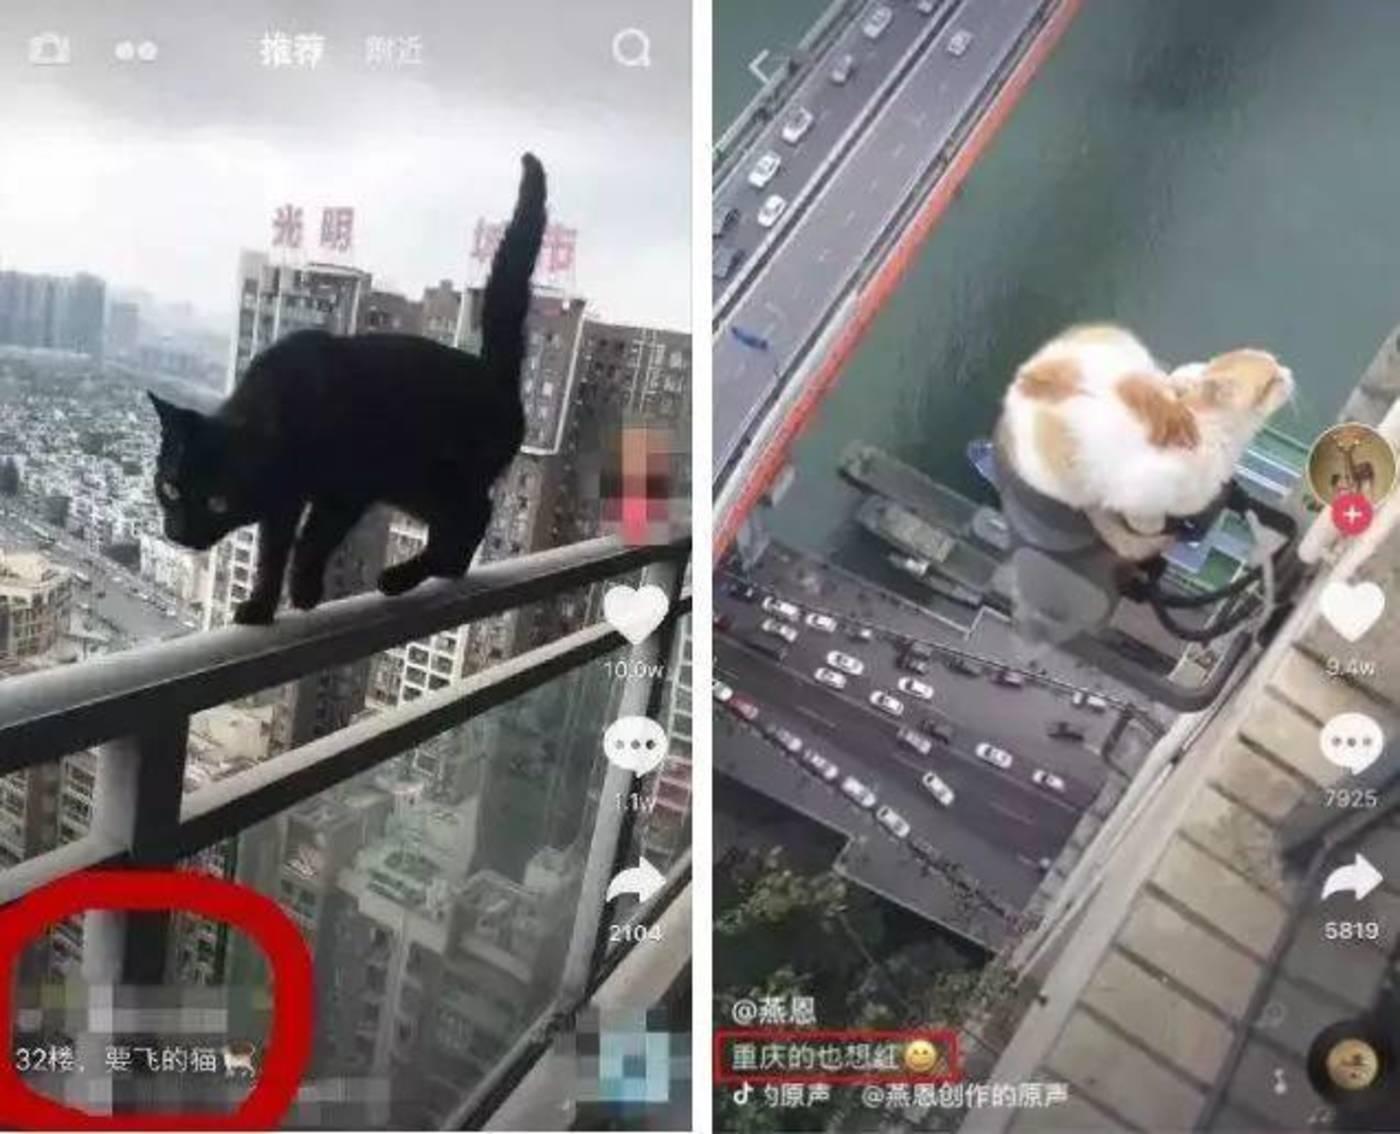 """号称""""爱猫""""的人士在32楼为猫摆拍,导致悲剧发生 ️️️"""